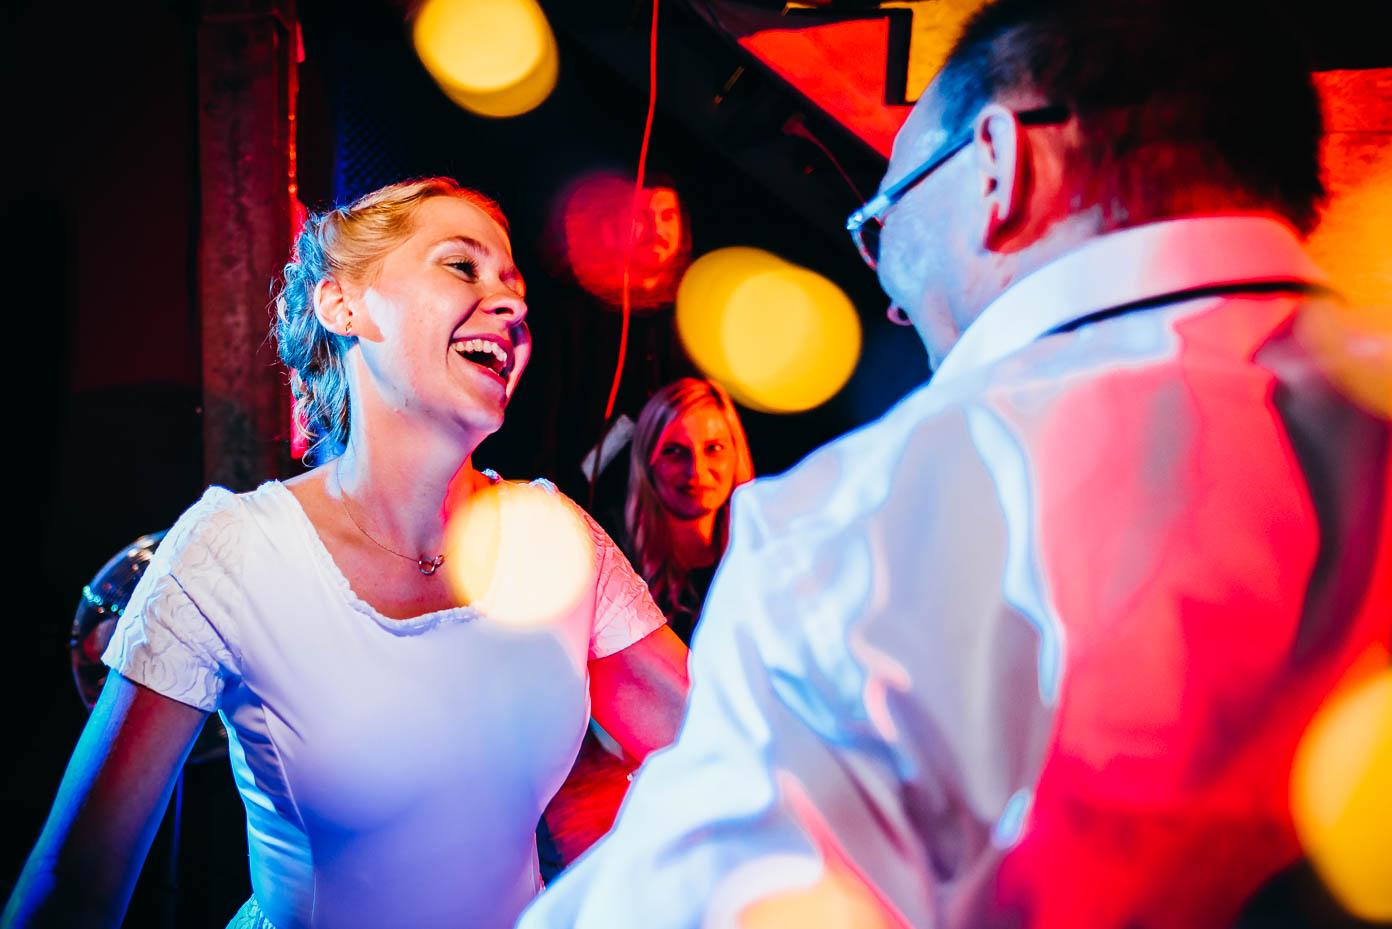 Lachende Braut beim Tanzen.